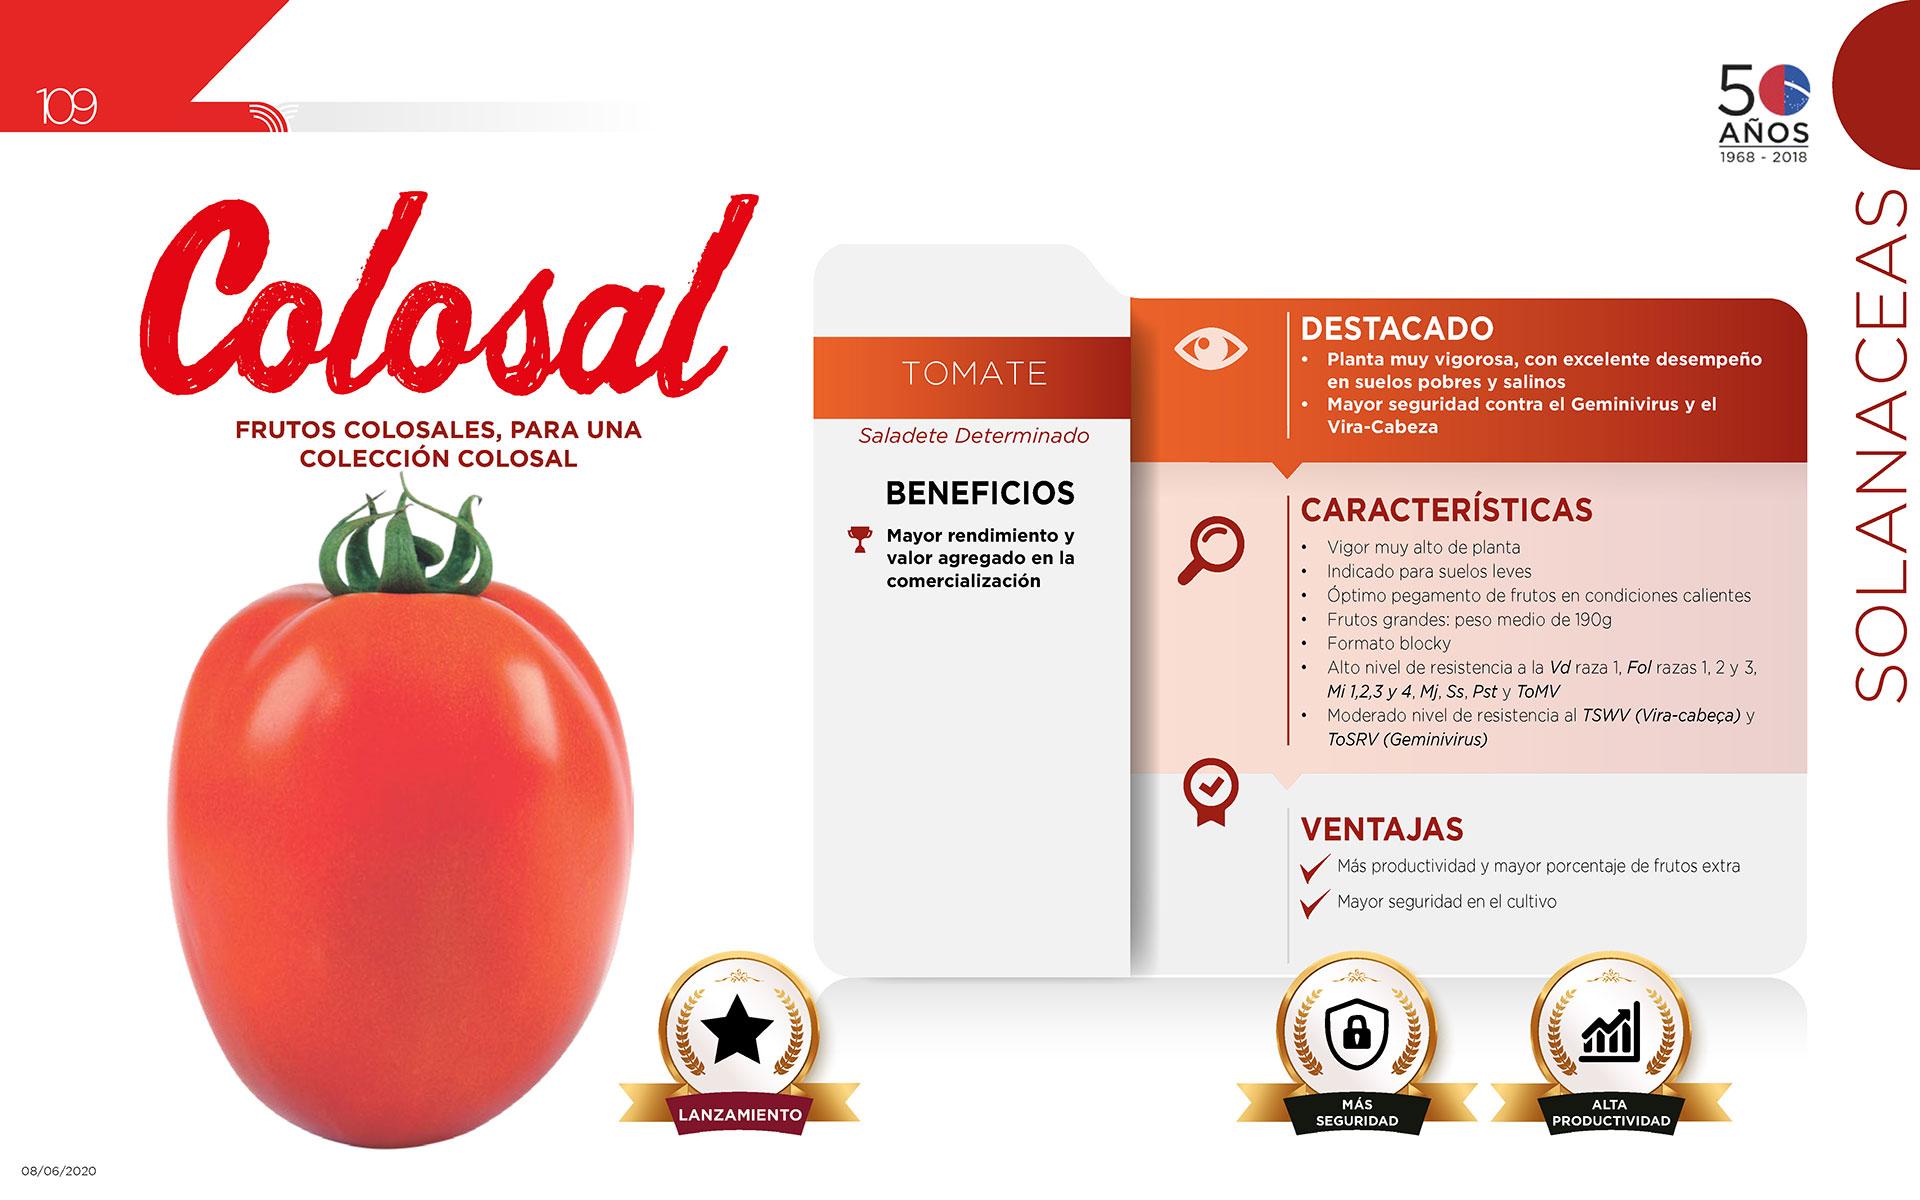 Colosal - Solanaceas